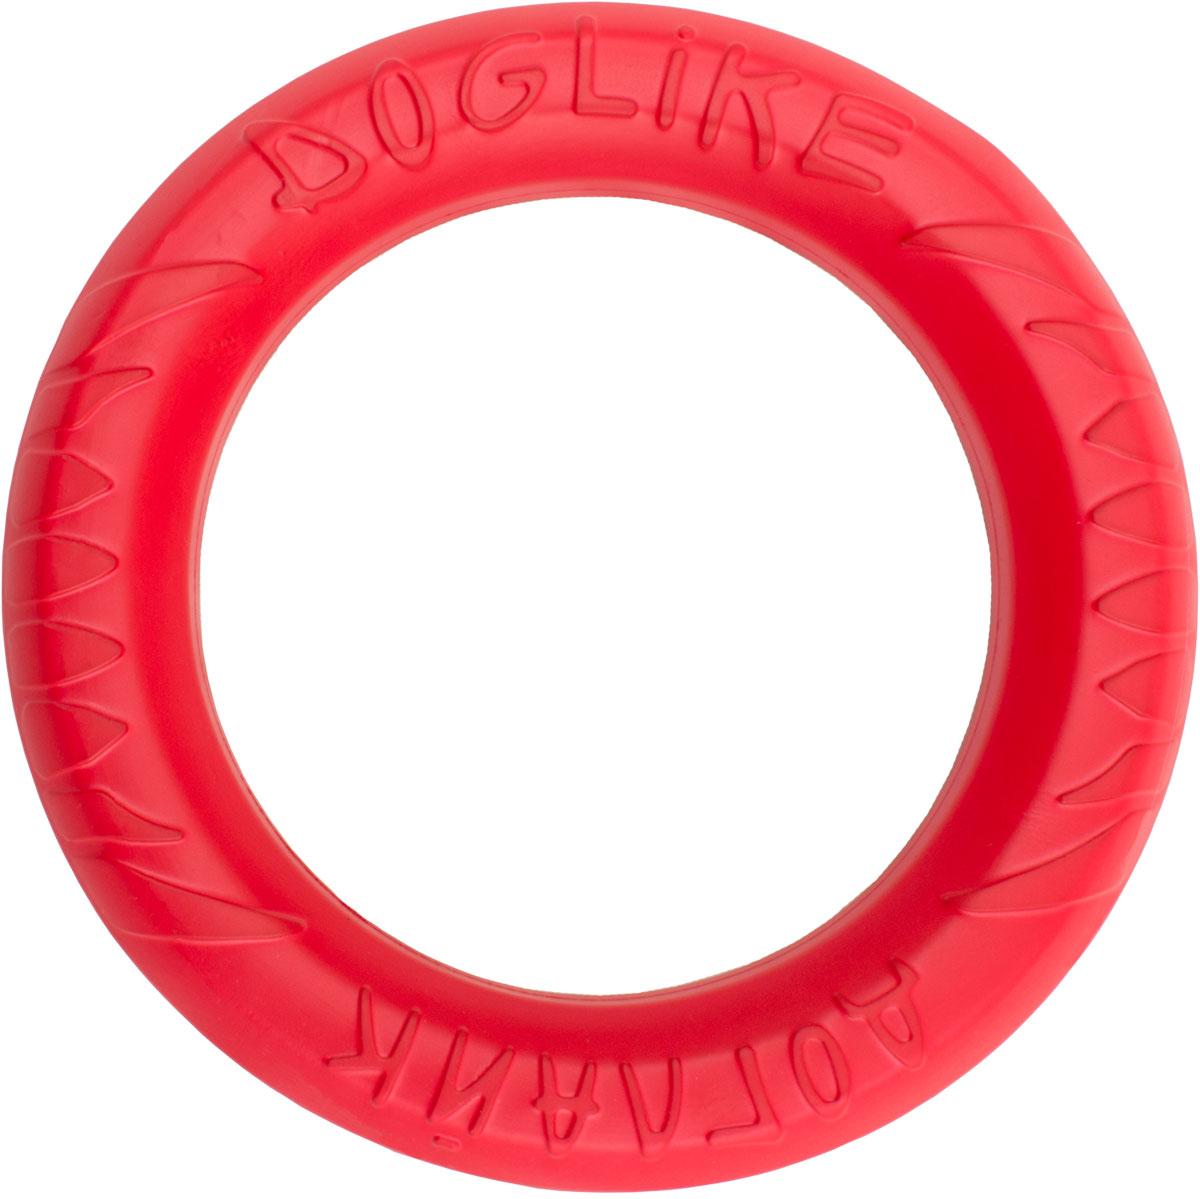 Снаряд Doglike Tug & Twist DL, для дрессировки, цвет: красный. D-1272D-1272Снаряд Doglike Tug & Twist DL предназначен для тренировки собак. Он выполнен из ЭВА. Снаряд не прокручивается в руке, и он удобен для захвата зубами.Основные преимущества:1. Изменение геометрии - повышается жесткость снаряда.2. Усиленная нагрузка на все группы мышц.3. Препятствует прокручиванию в руке.4. Не тонет в воде.5. Удобен для захвата зубами.6. Высокопрочный гигиеничный материал (ЭВА).Диаметр кольца (по внутреннему краю): 20,5 см.Толщина кольца: 5,3 см.